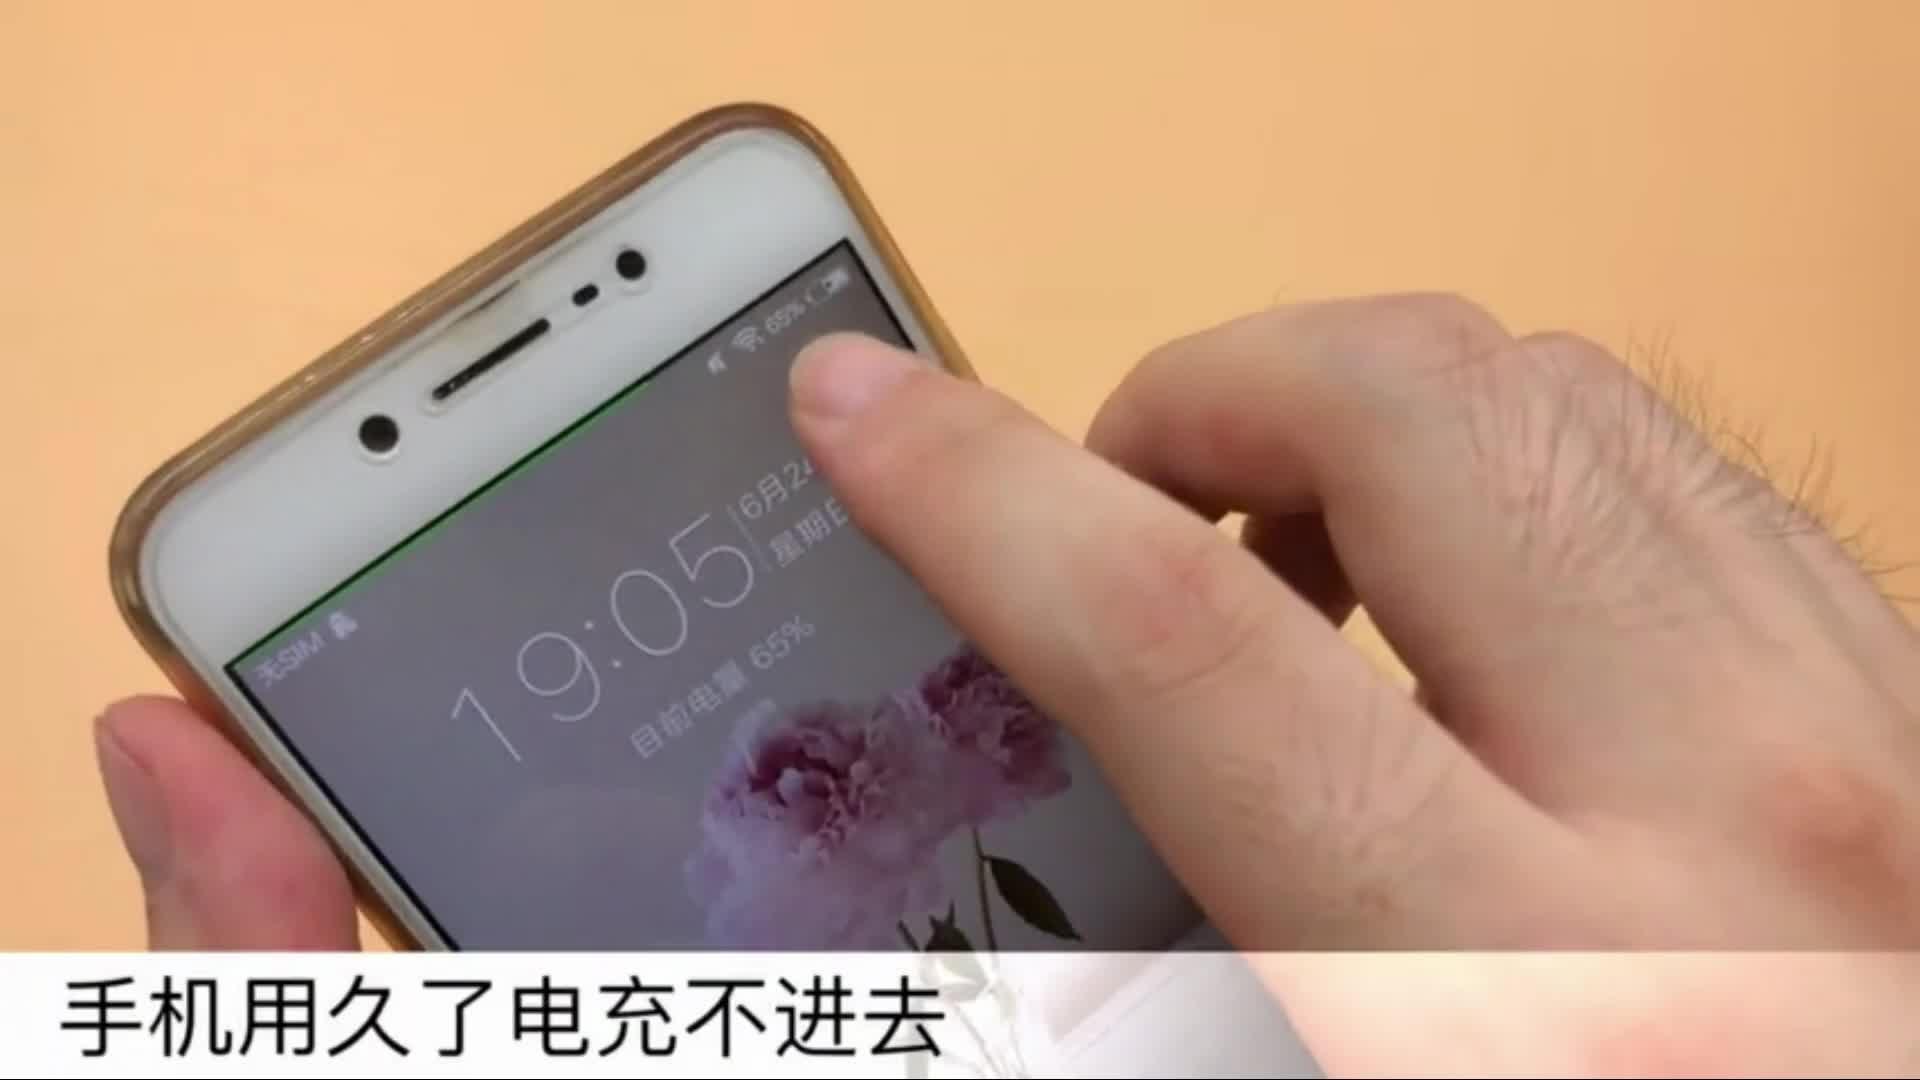 #生活妙招#手机充不进去电怎么办,用牙签吧!试试看!